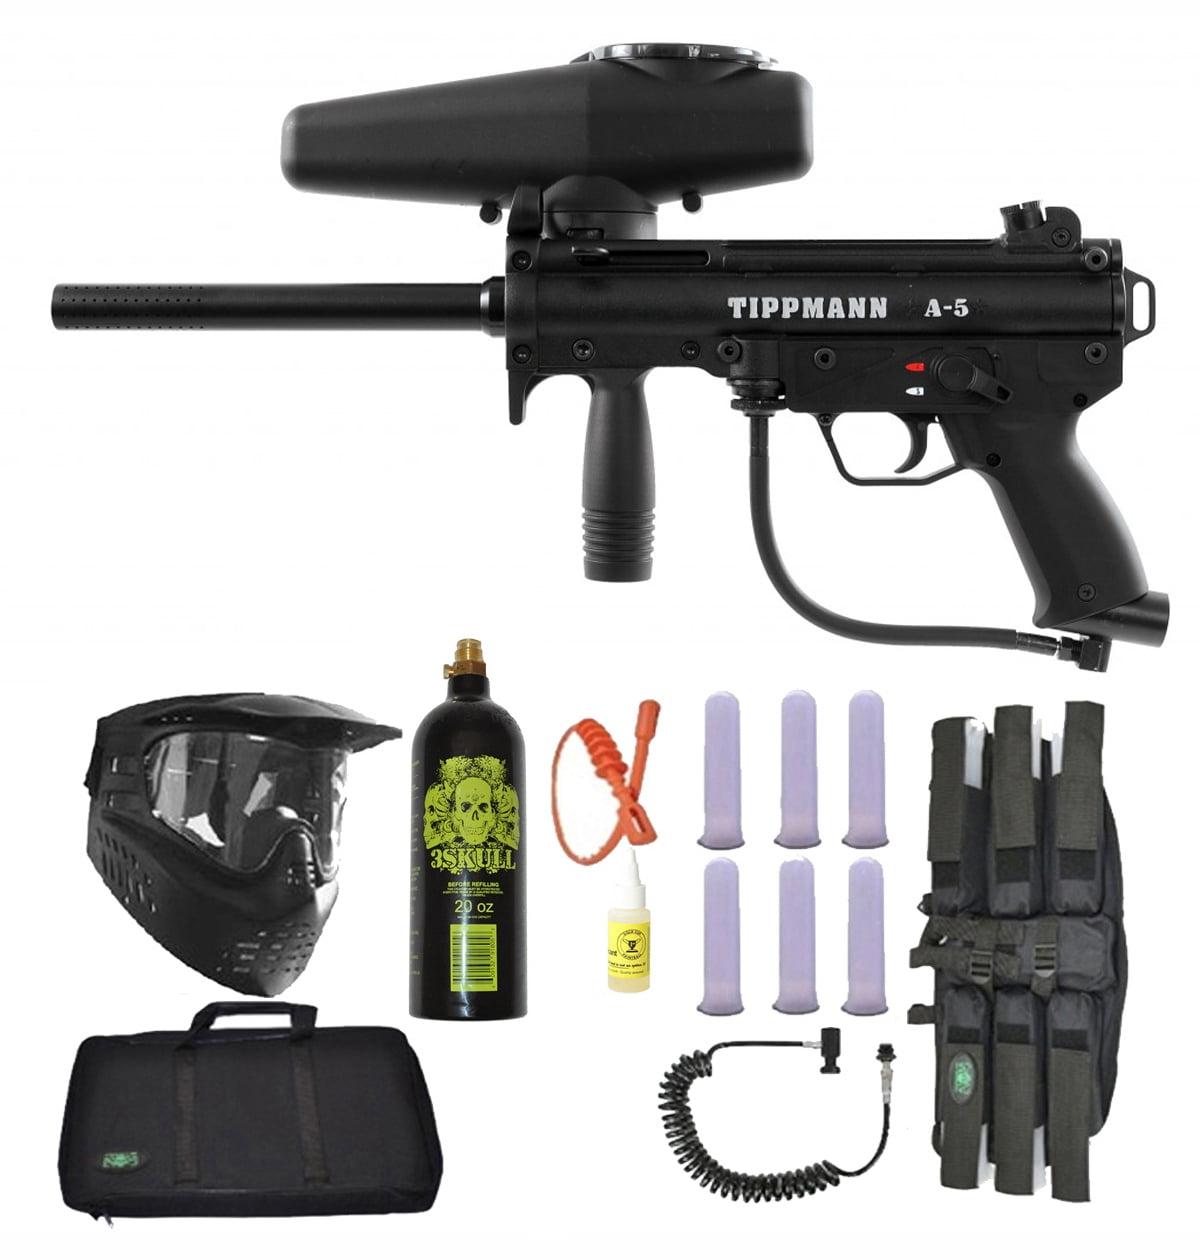 Tippmann A-5 Paintball Marker Gun 3Skull Sniper Set by